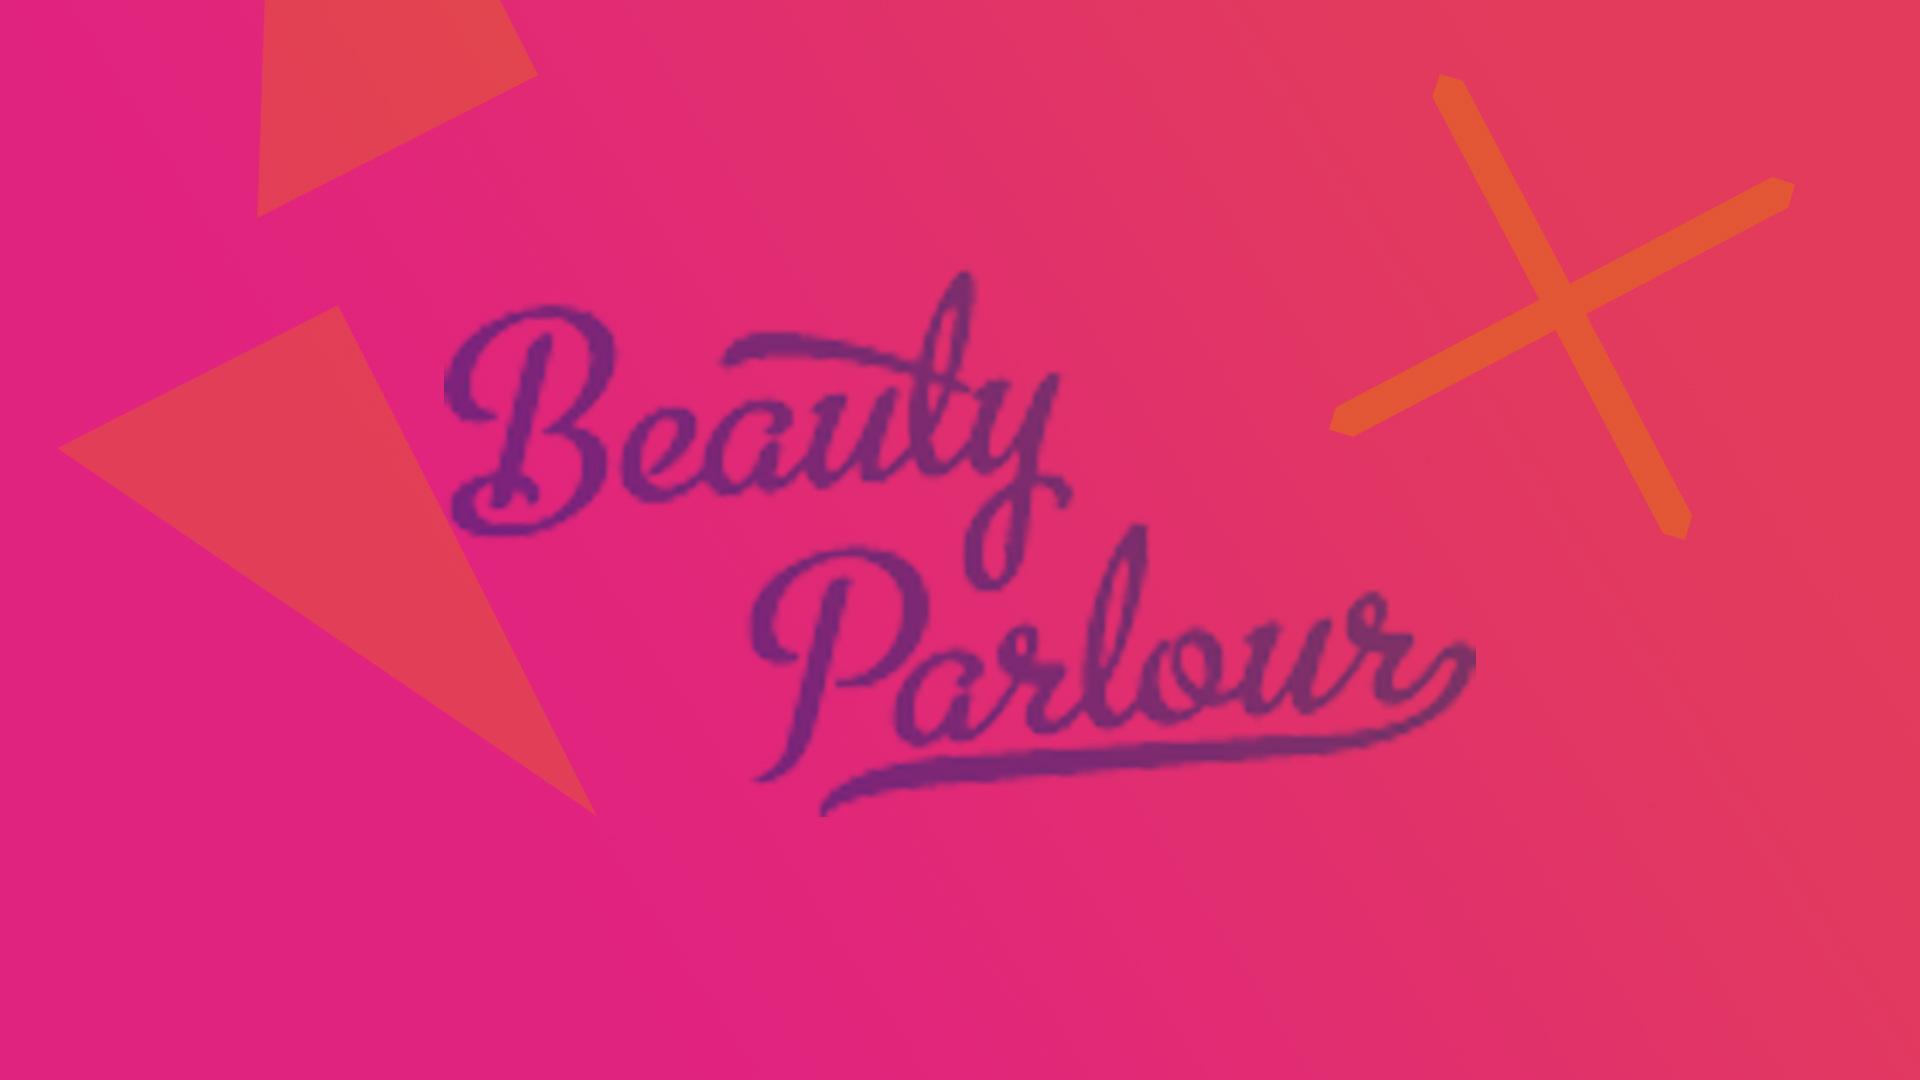 Berufserfahrung / job experience Beauty Parlour